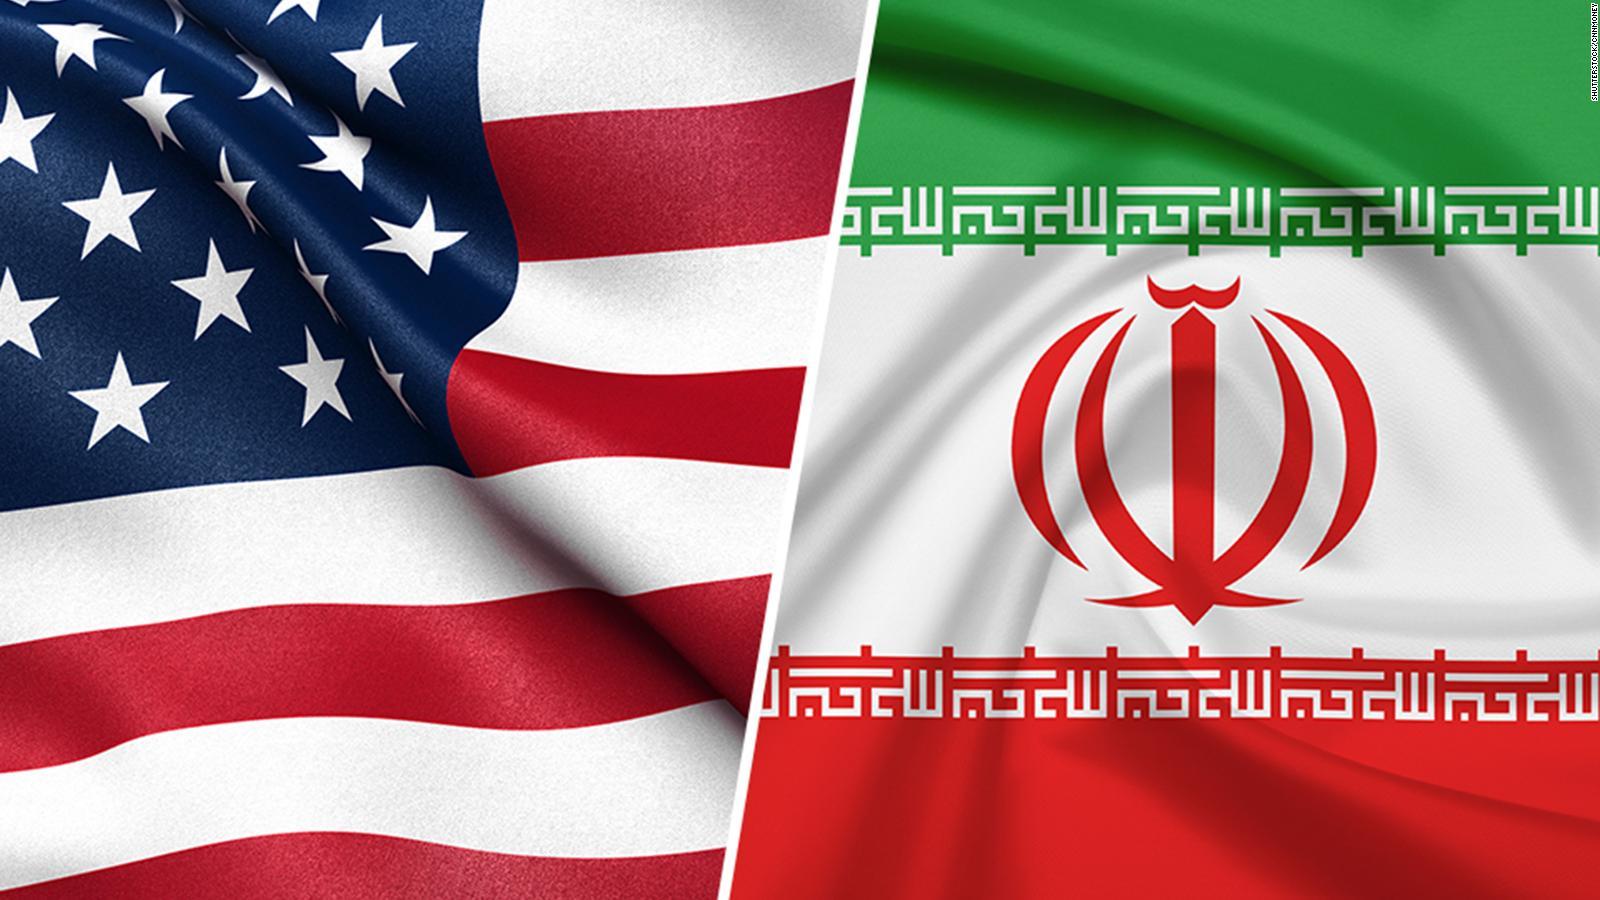 ¿Salida diplomática al conflicto EE.UU.-Irán?